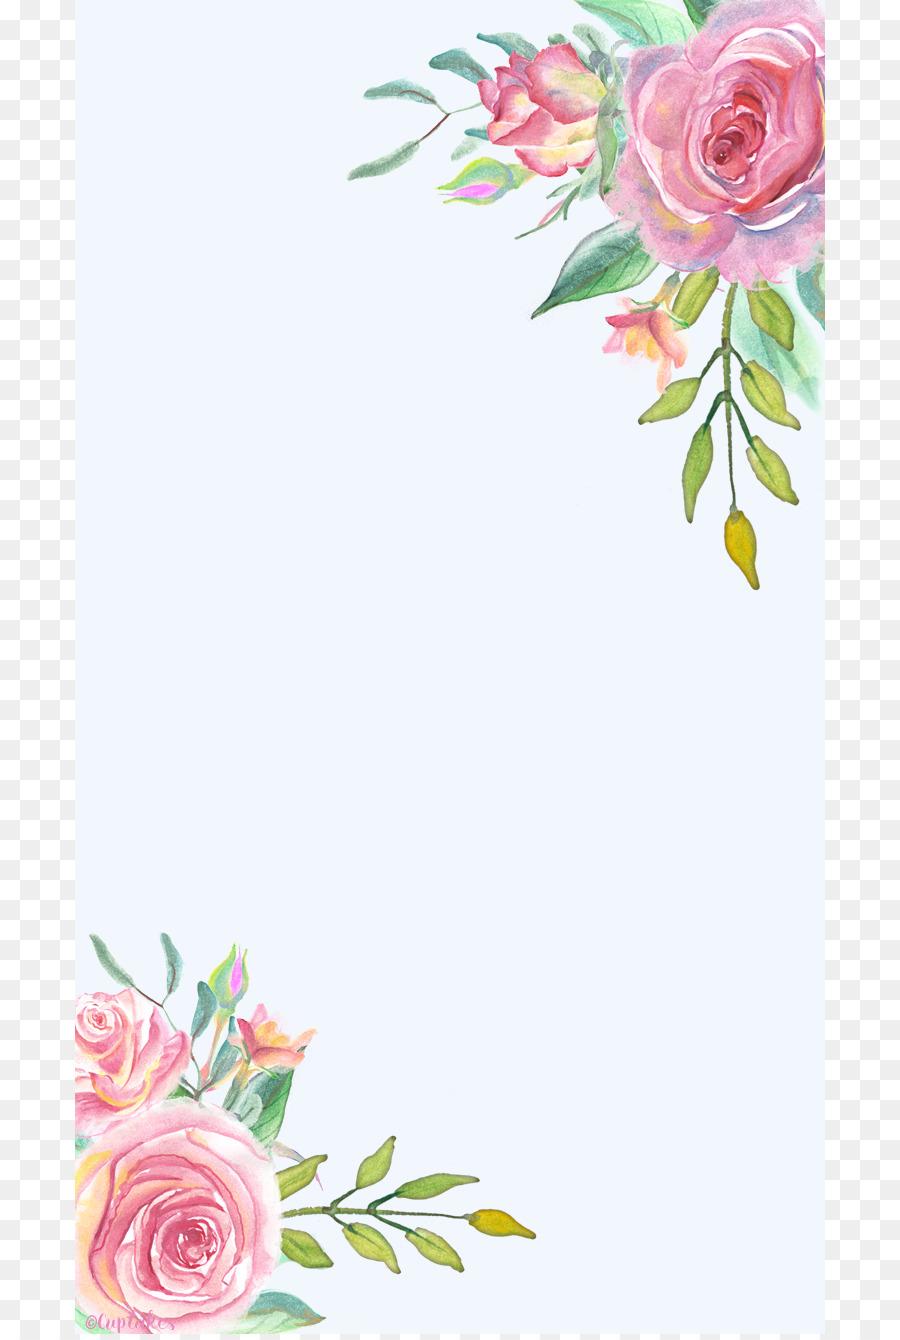 Desktop Wallpaper Flower Floral Design Art Garden Fondos Para Word De Flores 11506 Hd Wallpaper Backgrounds Download